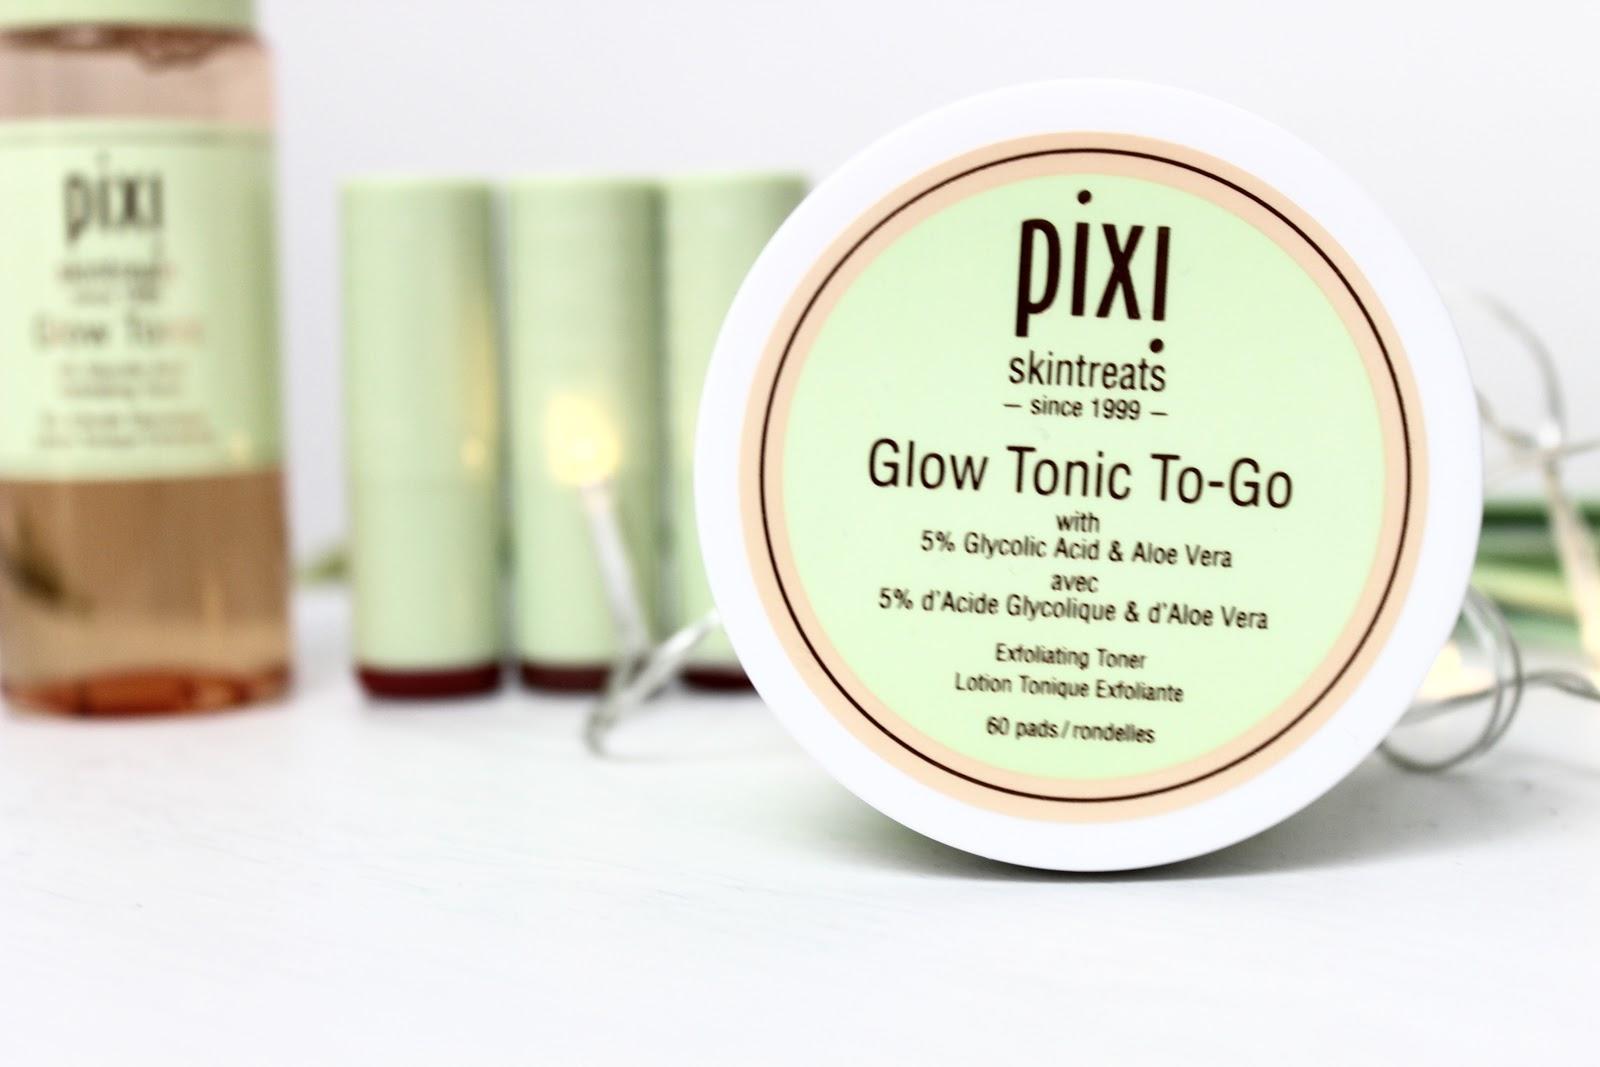 Pixi Glow Tonic To-Go!